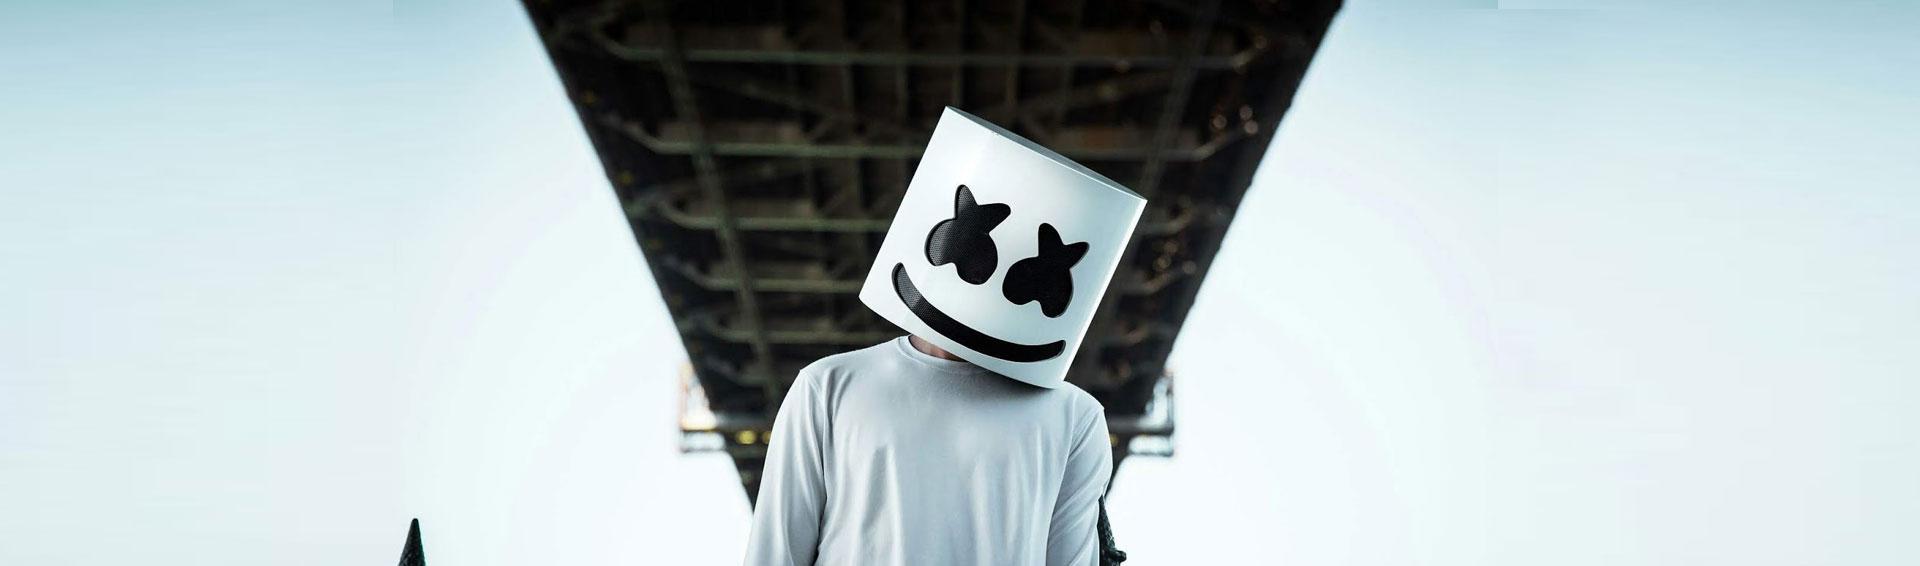 DJ Marshmello Las Vegas